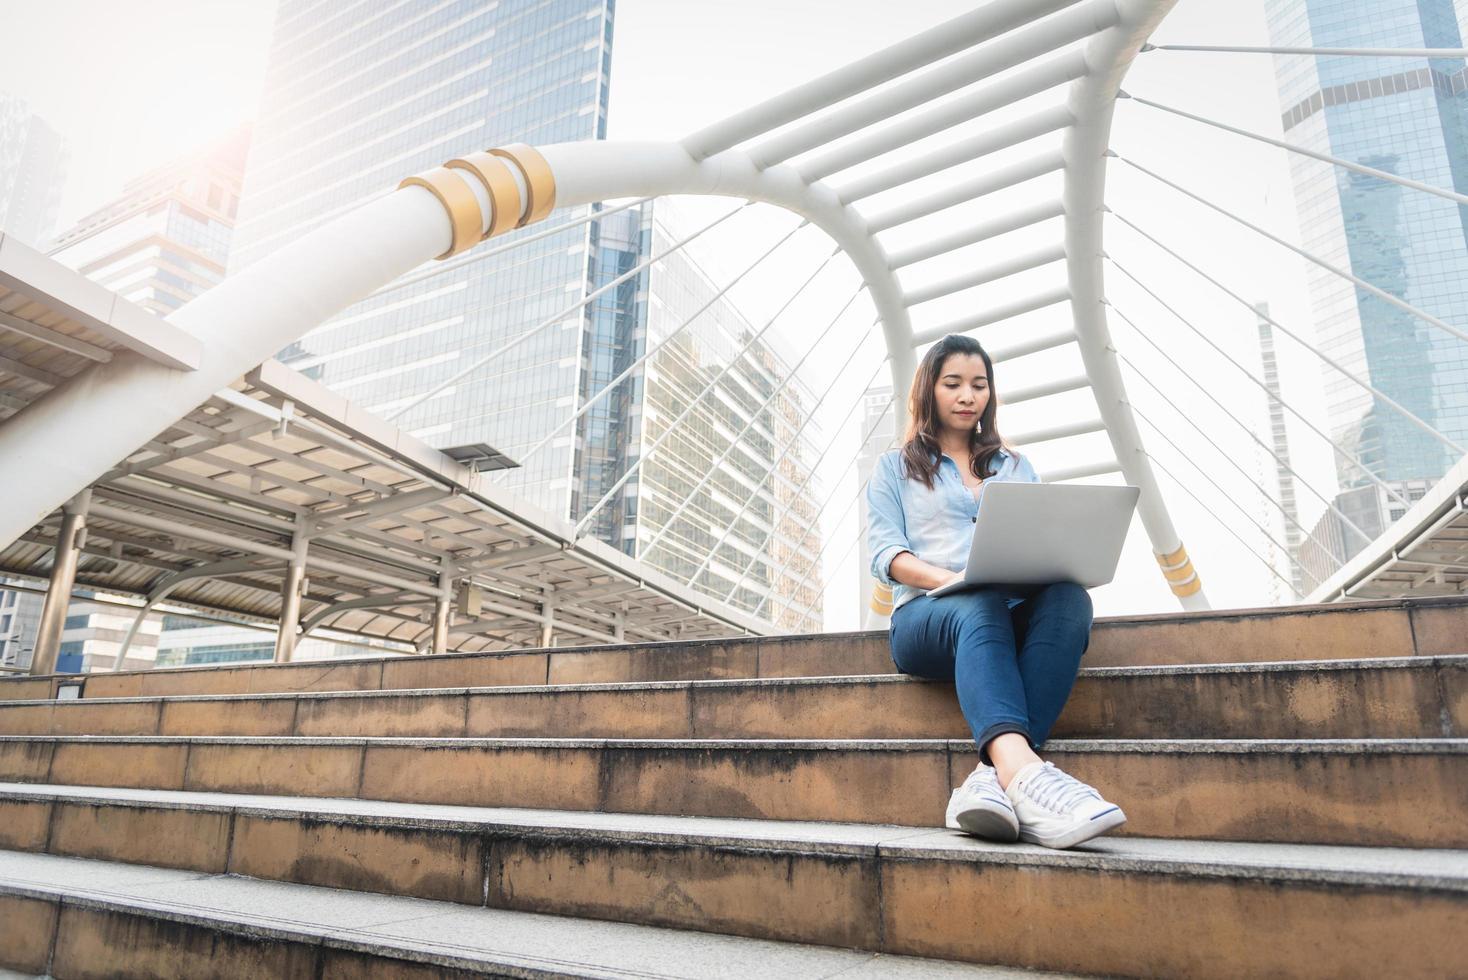 mujer feliz trabajando con ordenador portátil. concepto de éxito y felicidad. concepto de tecnología y estilo de vida ciudad y tema urbano. vida feliz en el tema al aire libre foto